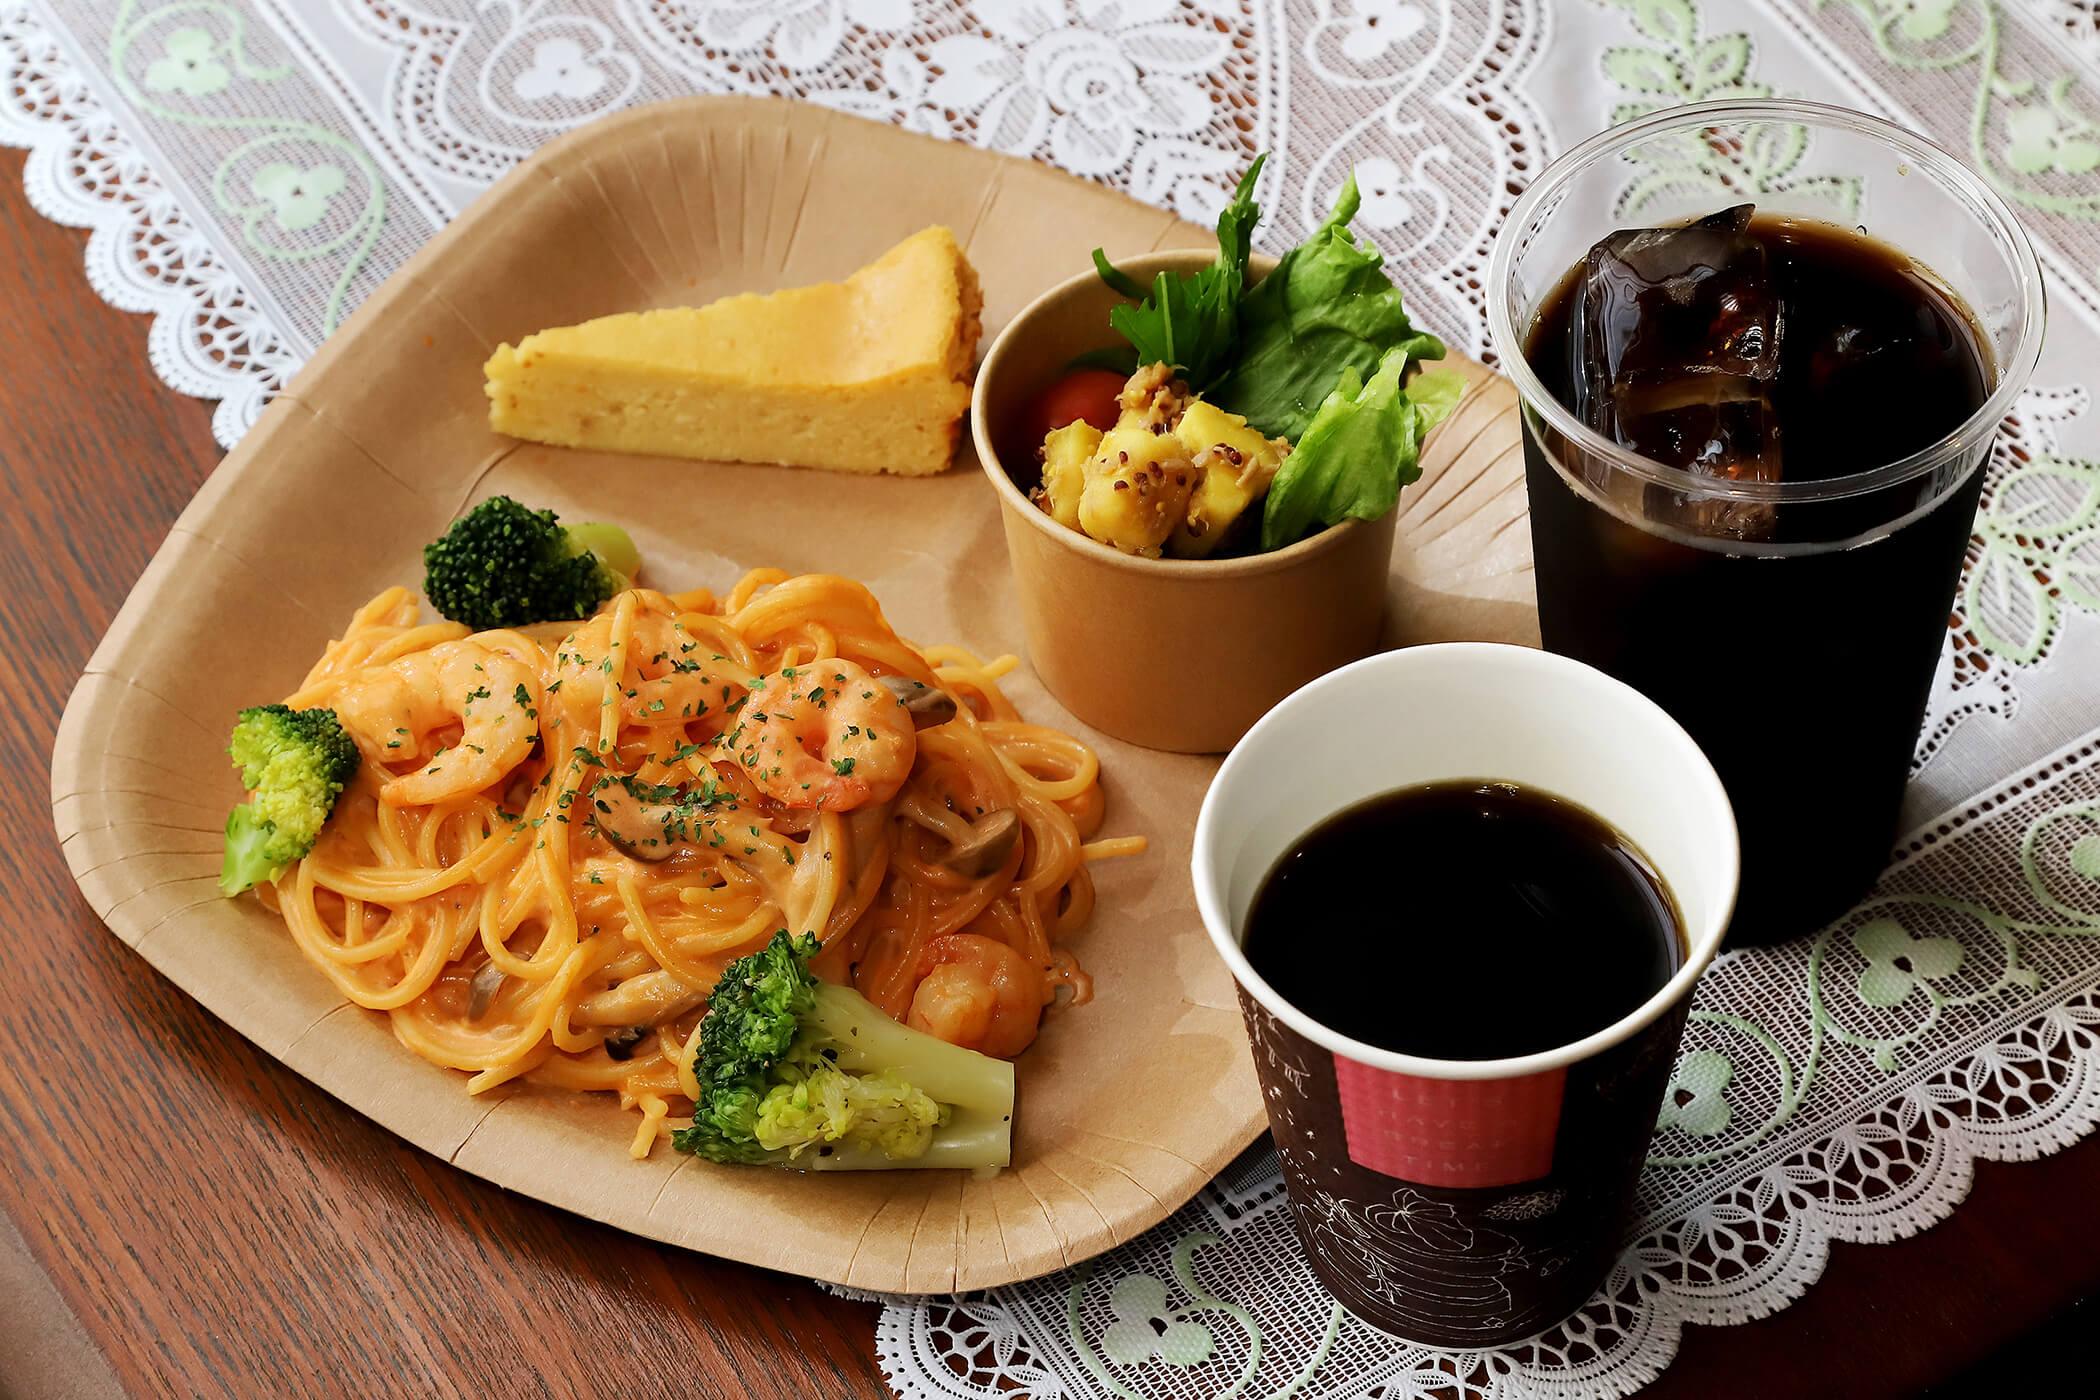 焼き芋カフェ なかむら屋 写真5